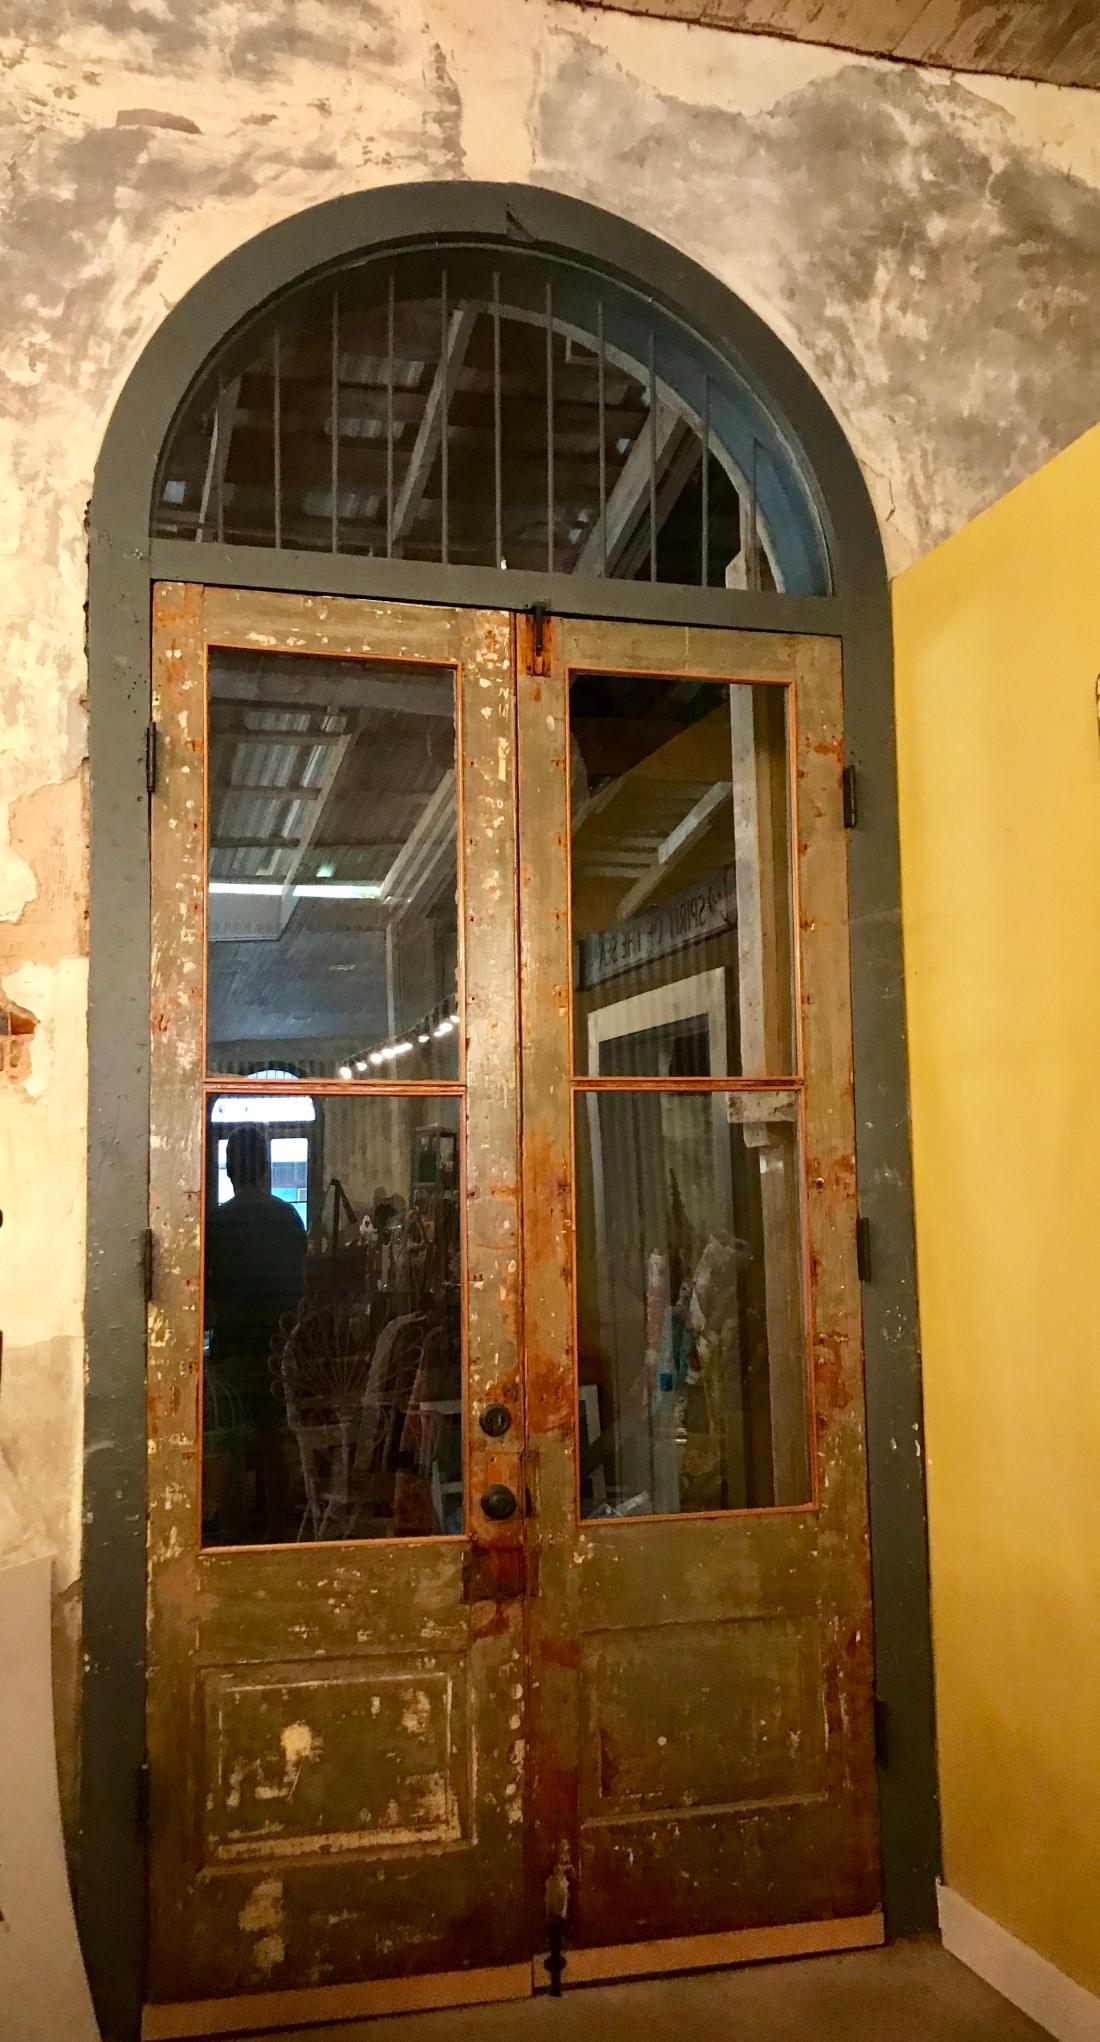 Smithville conseula doors